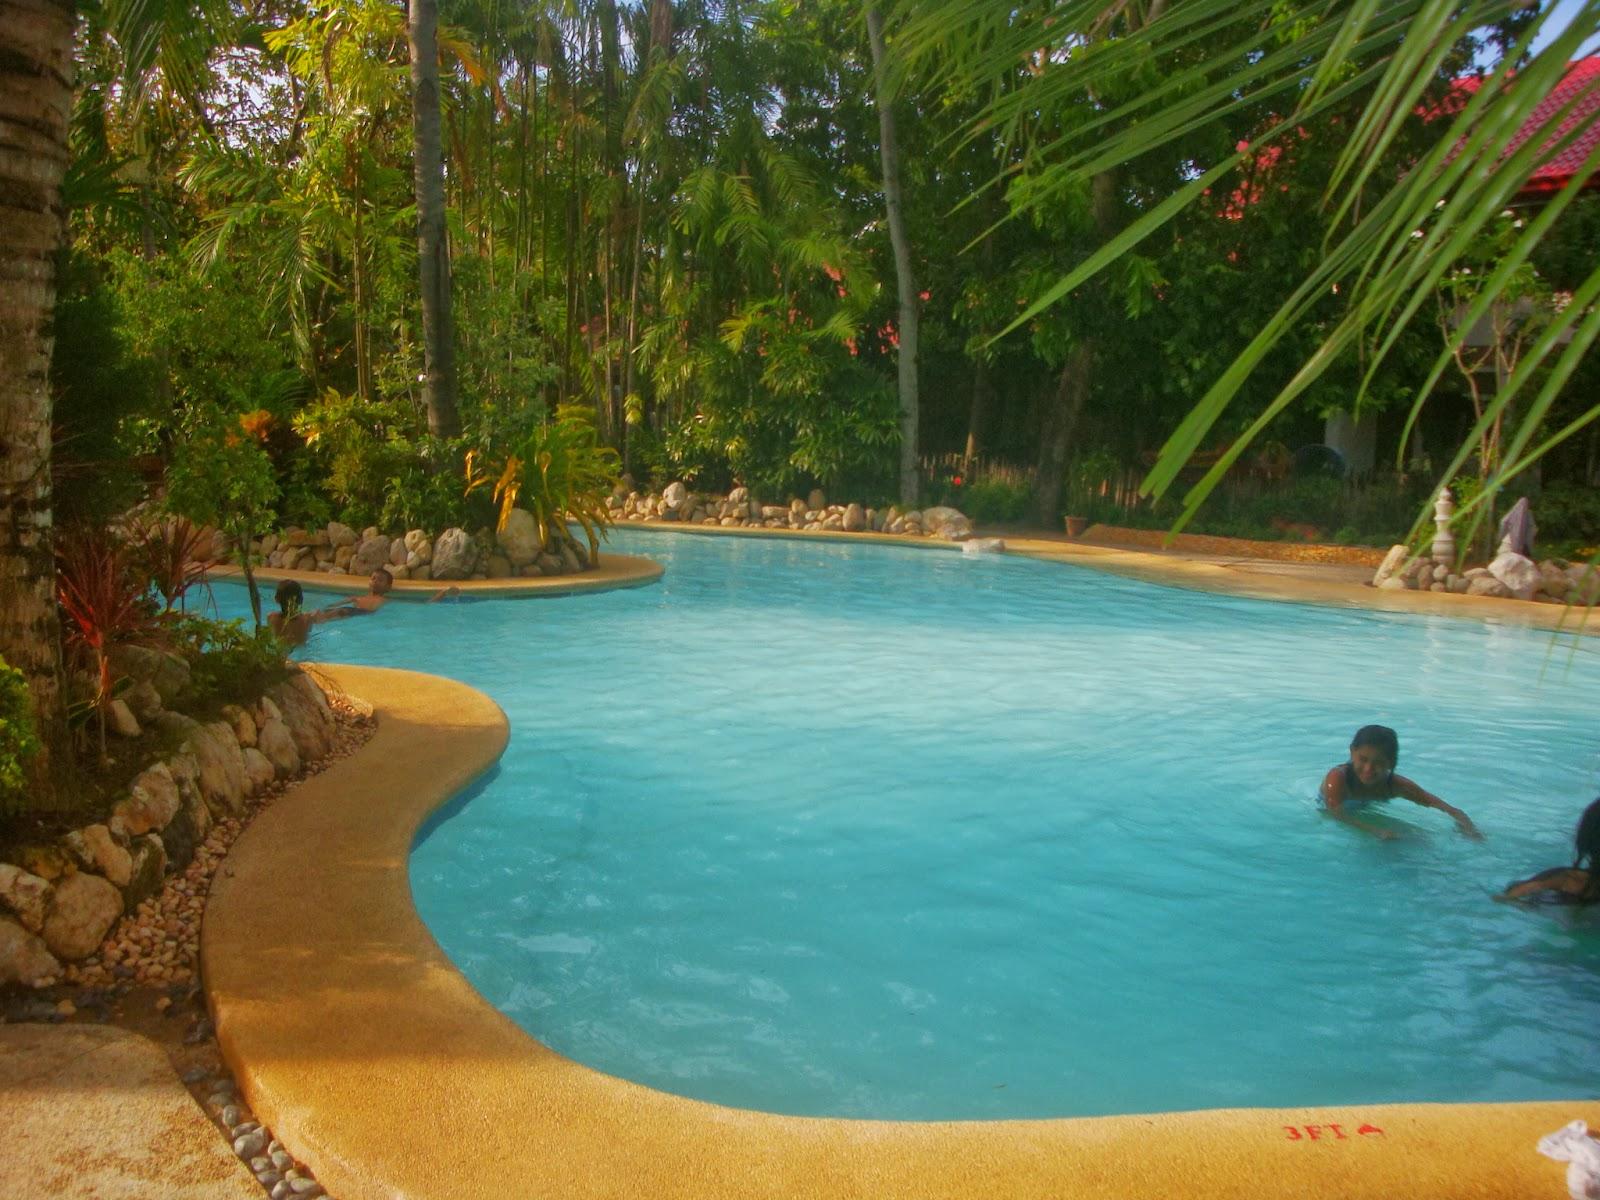 El Salvador Beach Resort swimming pool